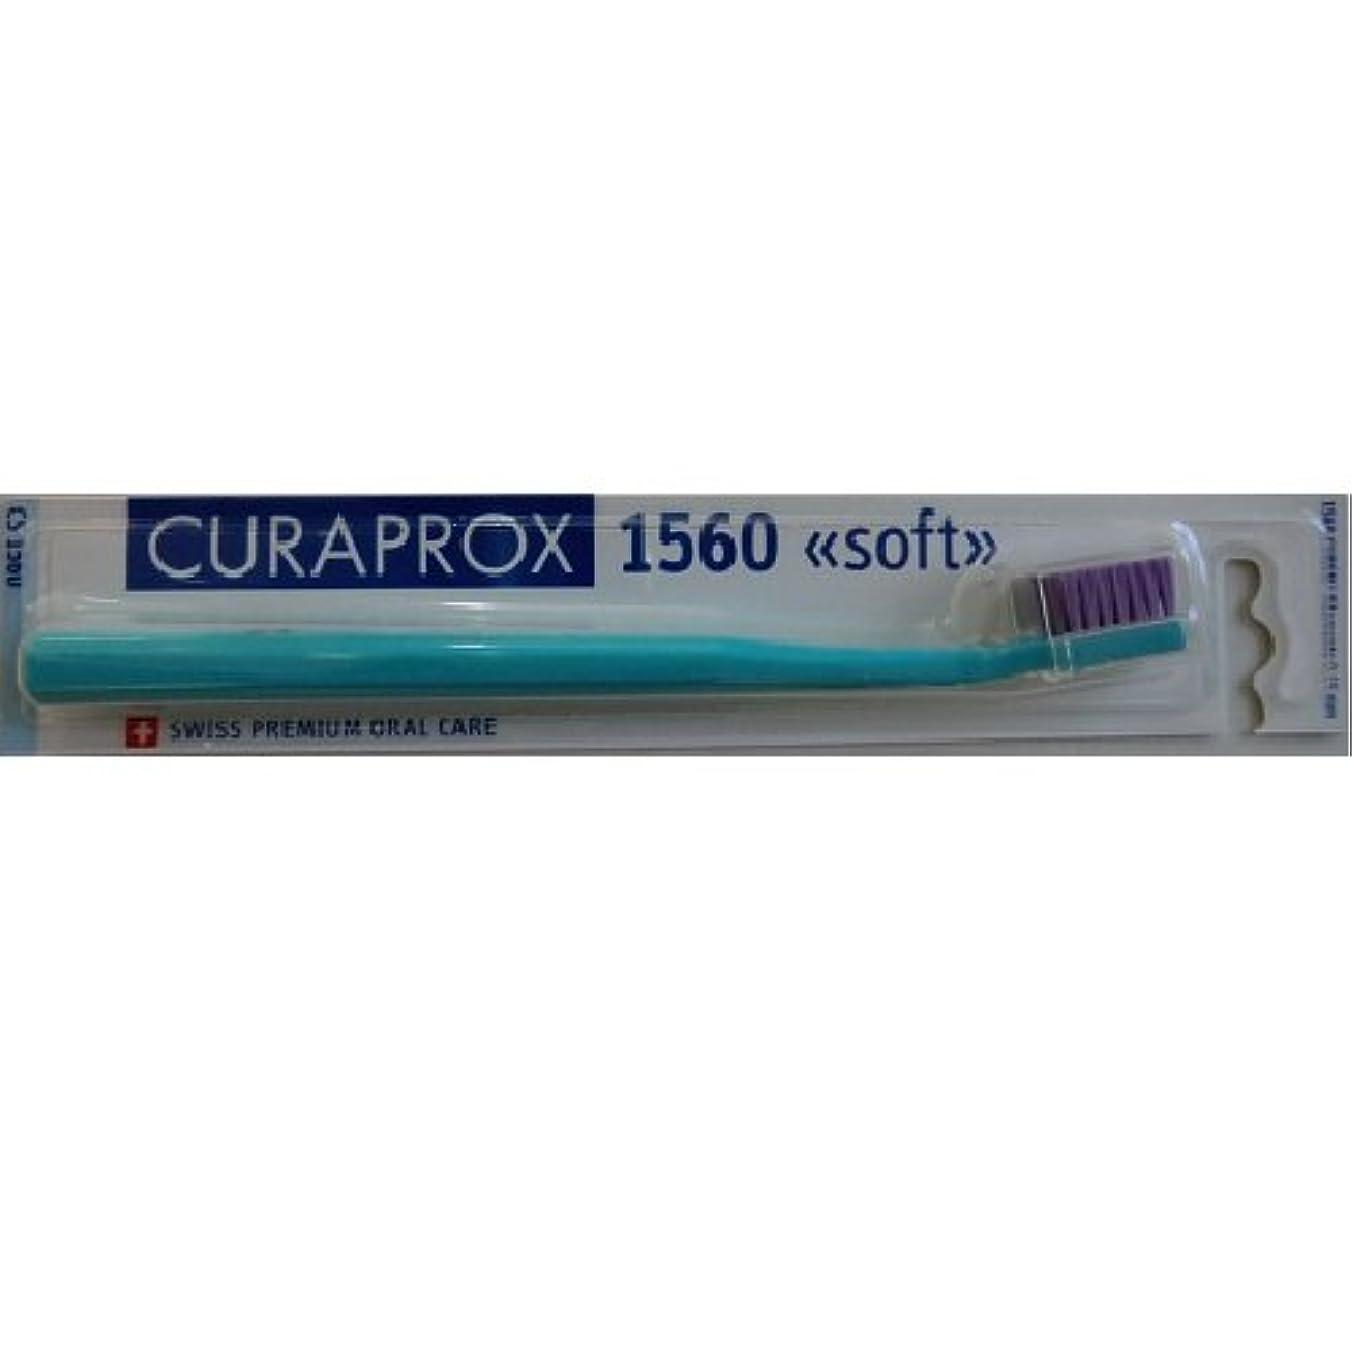 大胆不敵独裁者レギュラーキュラプロックス1560?ソフト歯ブラシ